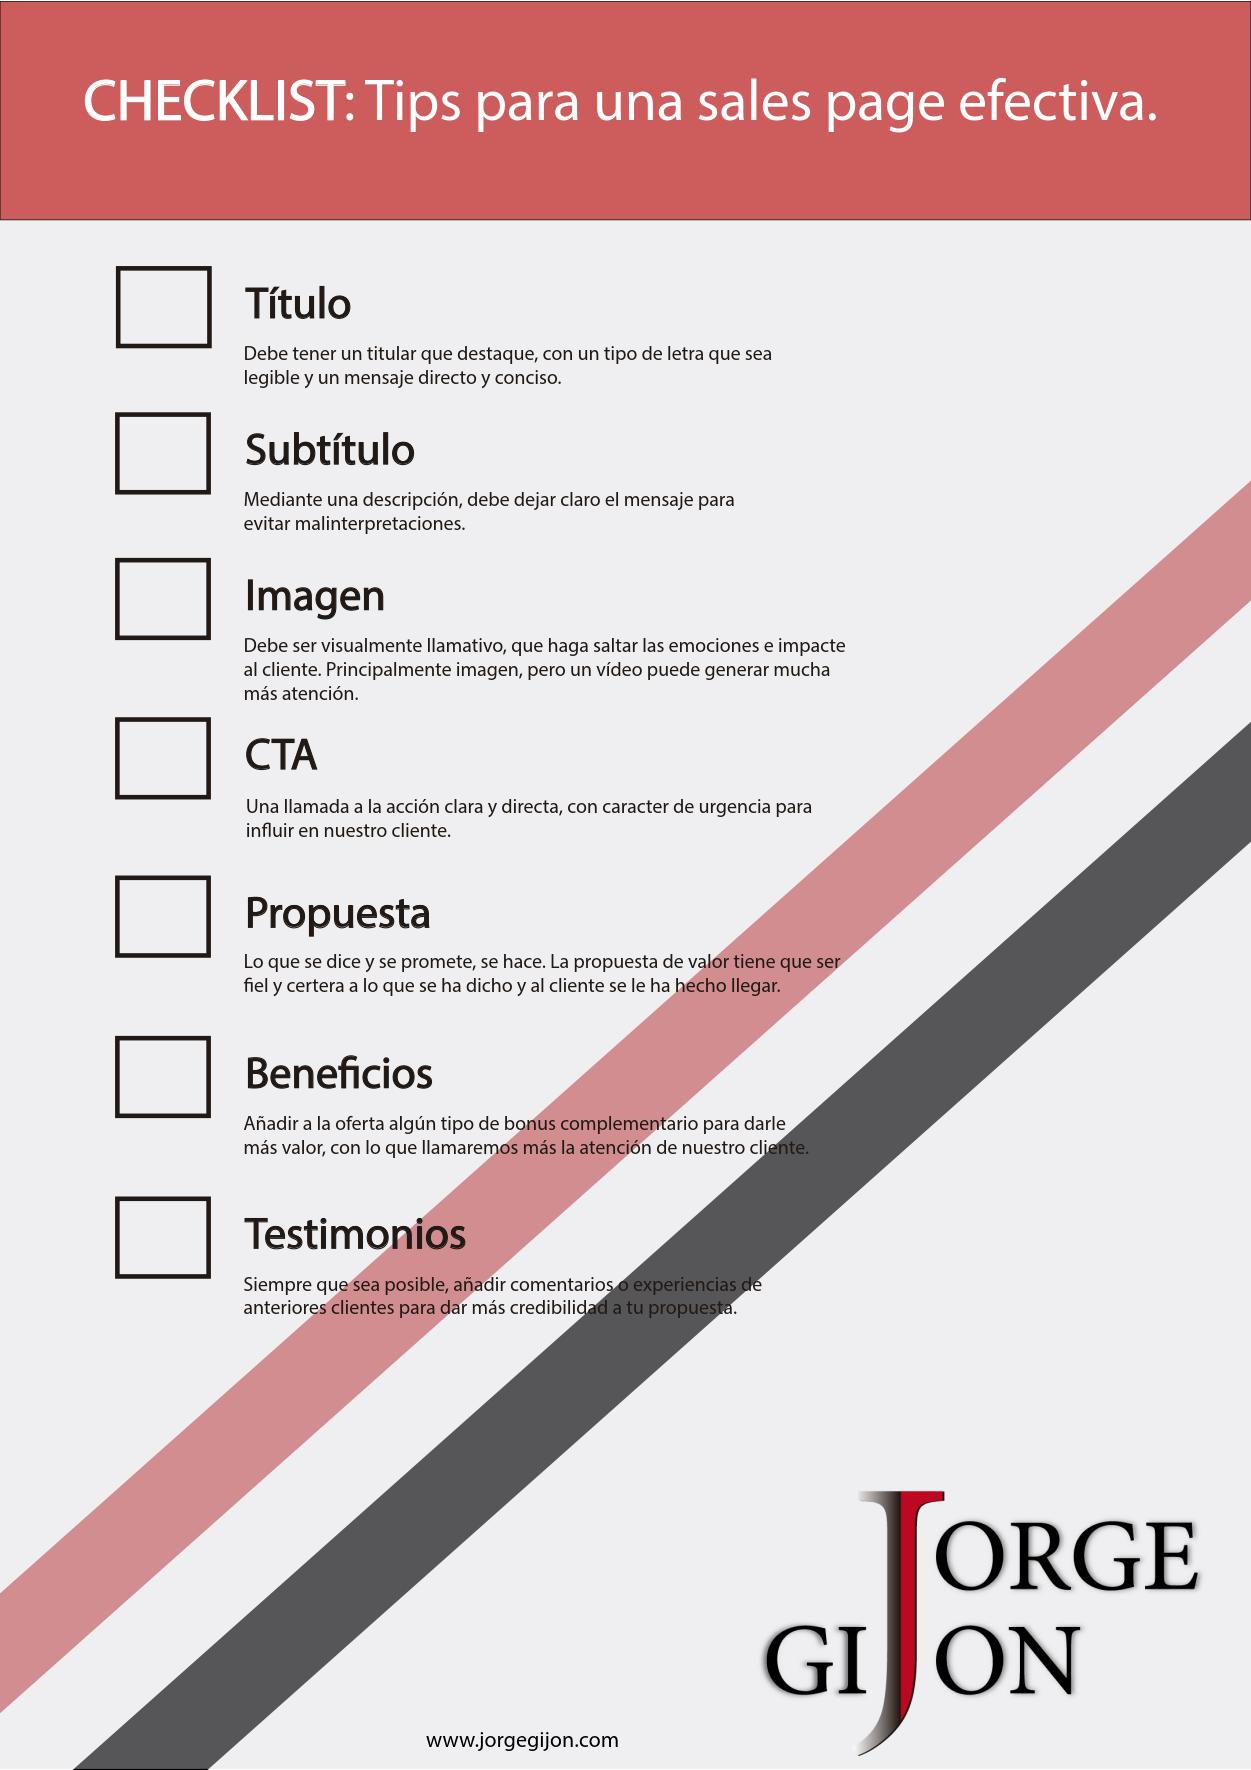 Checklist Para Una Sales Page Efectiva Marketing Digital Marketing Estrategia De Marketing Digital